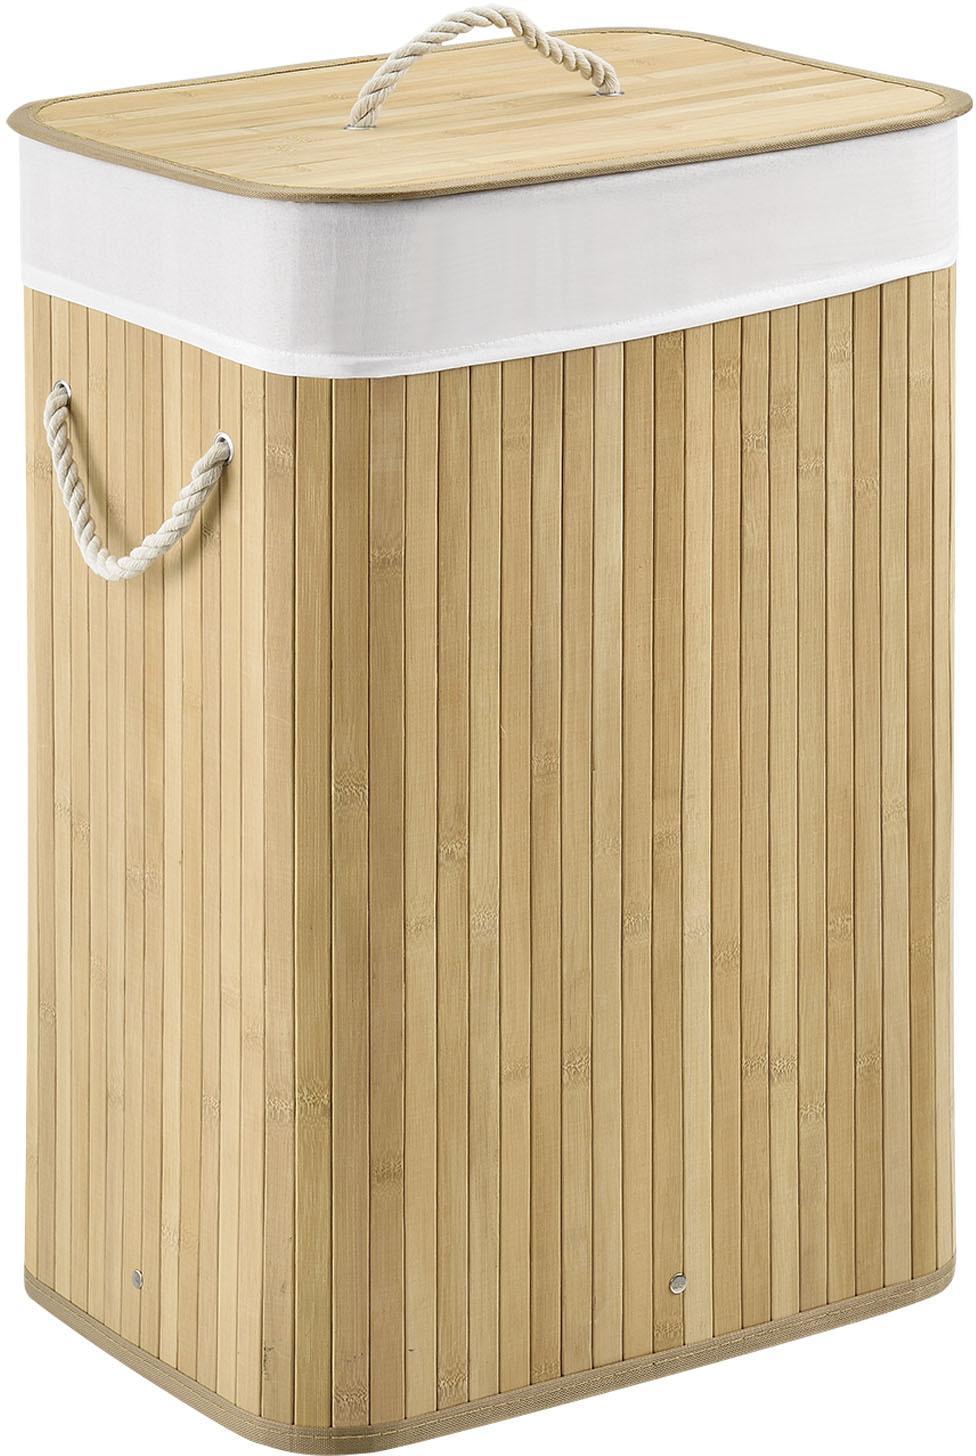 Eshopist Bambusový kôš na prádlo Curly 72 litrový, natúr s vrecom na bielizeň a s uškami na prenášanie, 300341